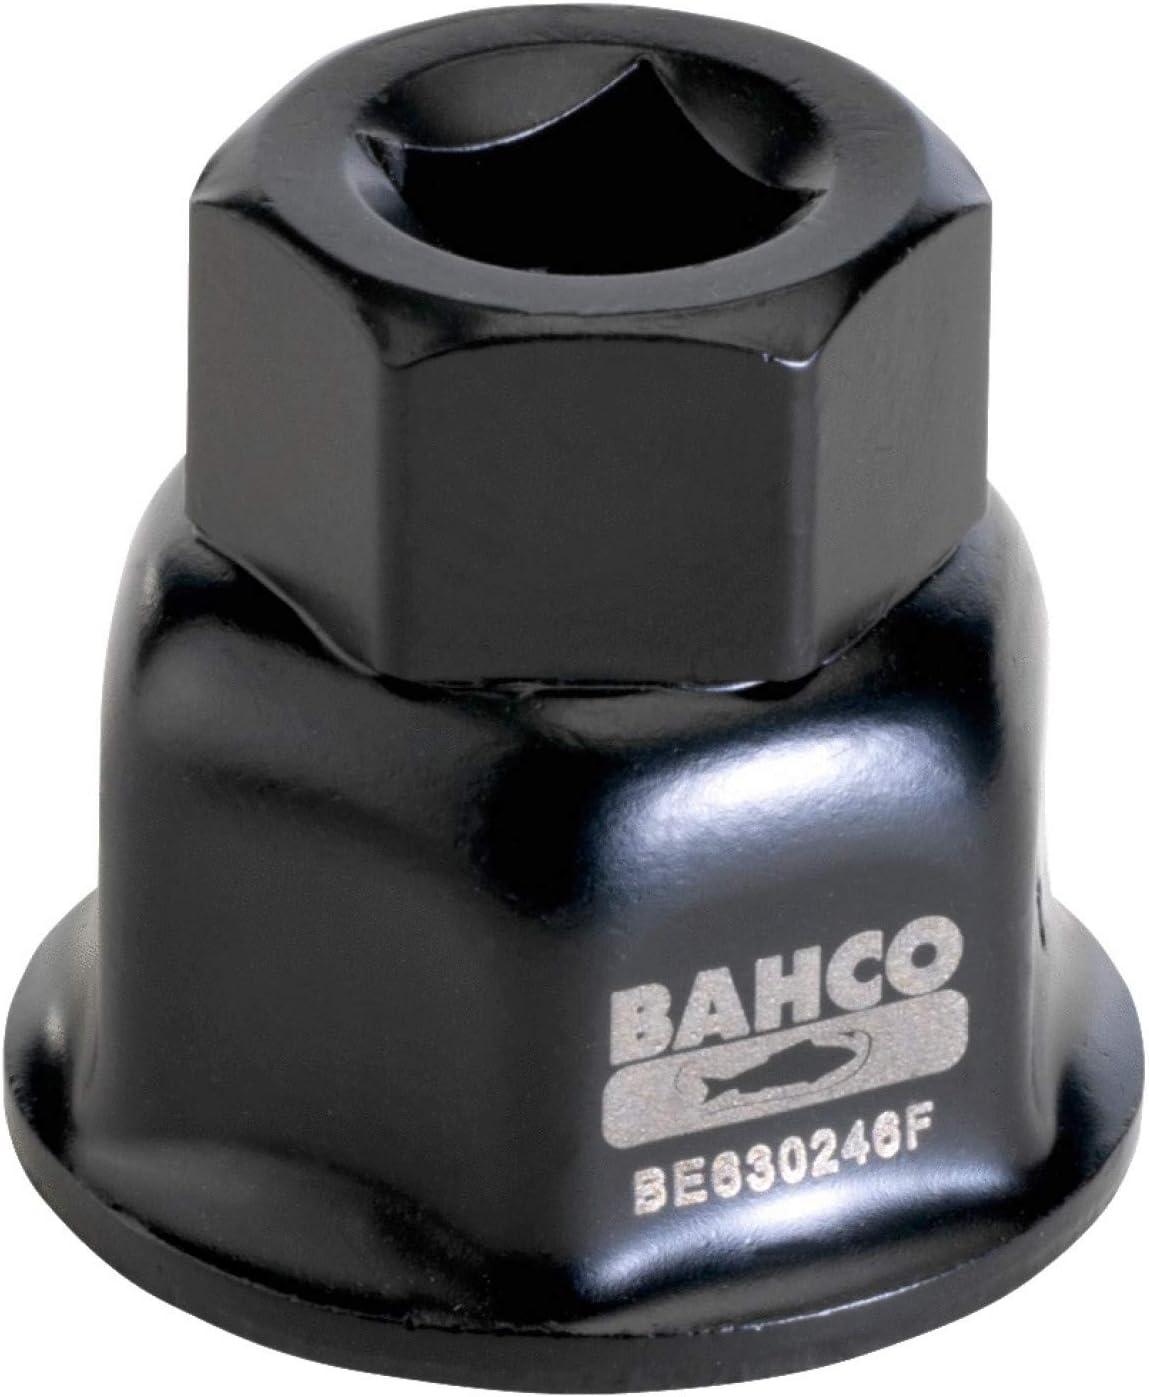 Cl/é coiffe pour filtres dhuile BE630246F Bahco